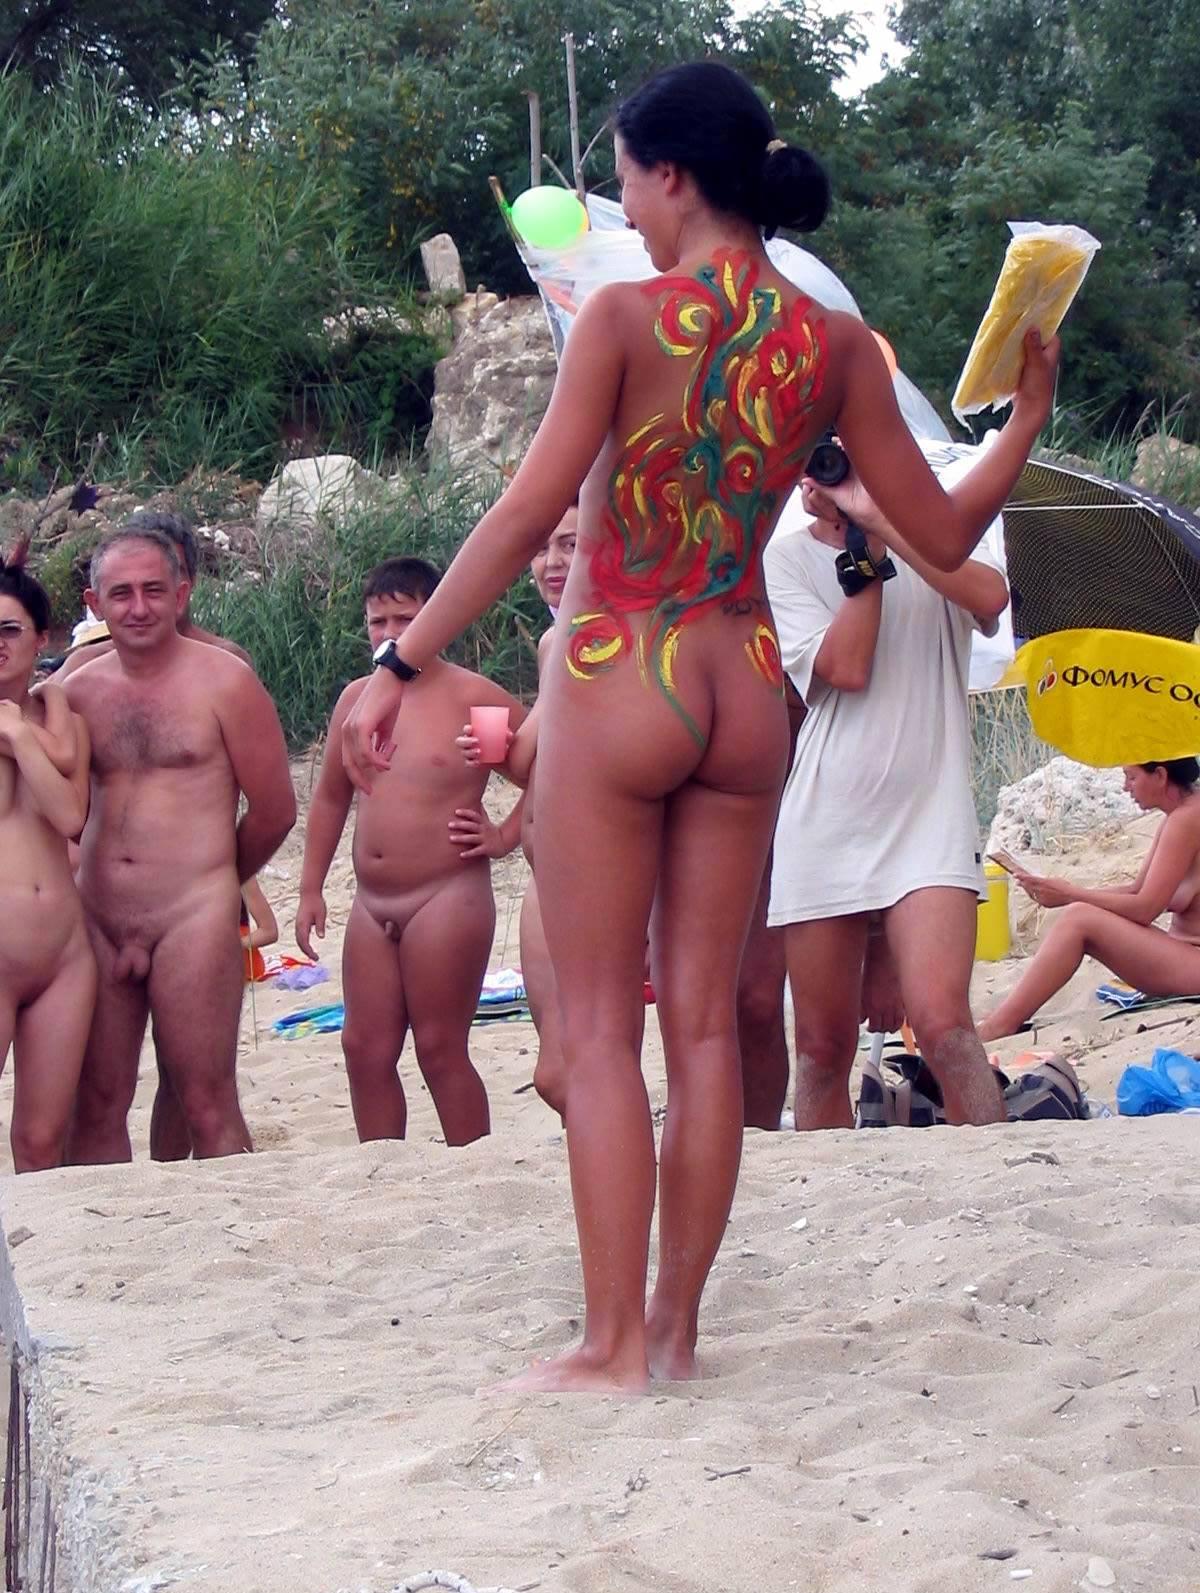 Purenudism Photos-Bulgarian Beach Activities - 1